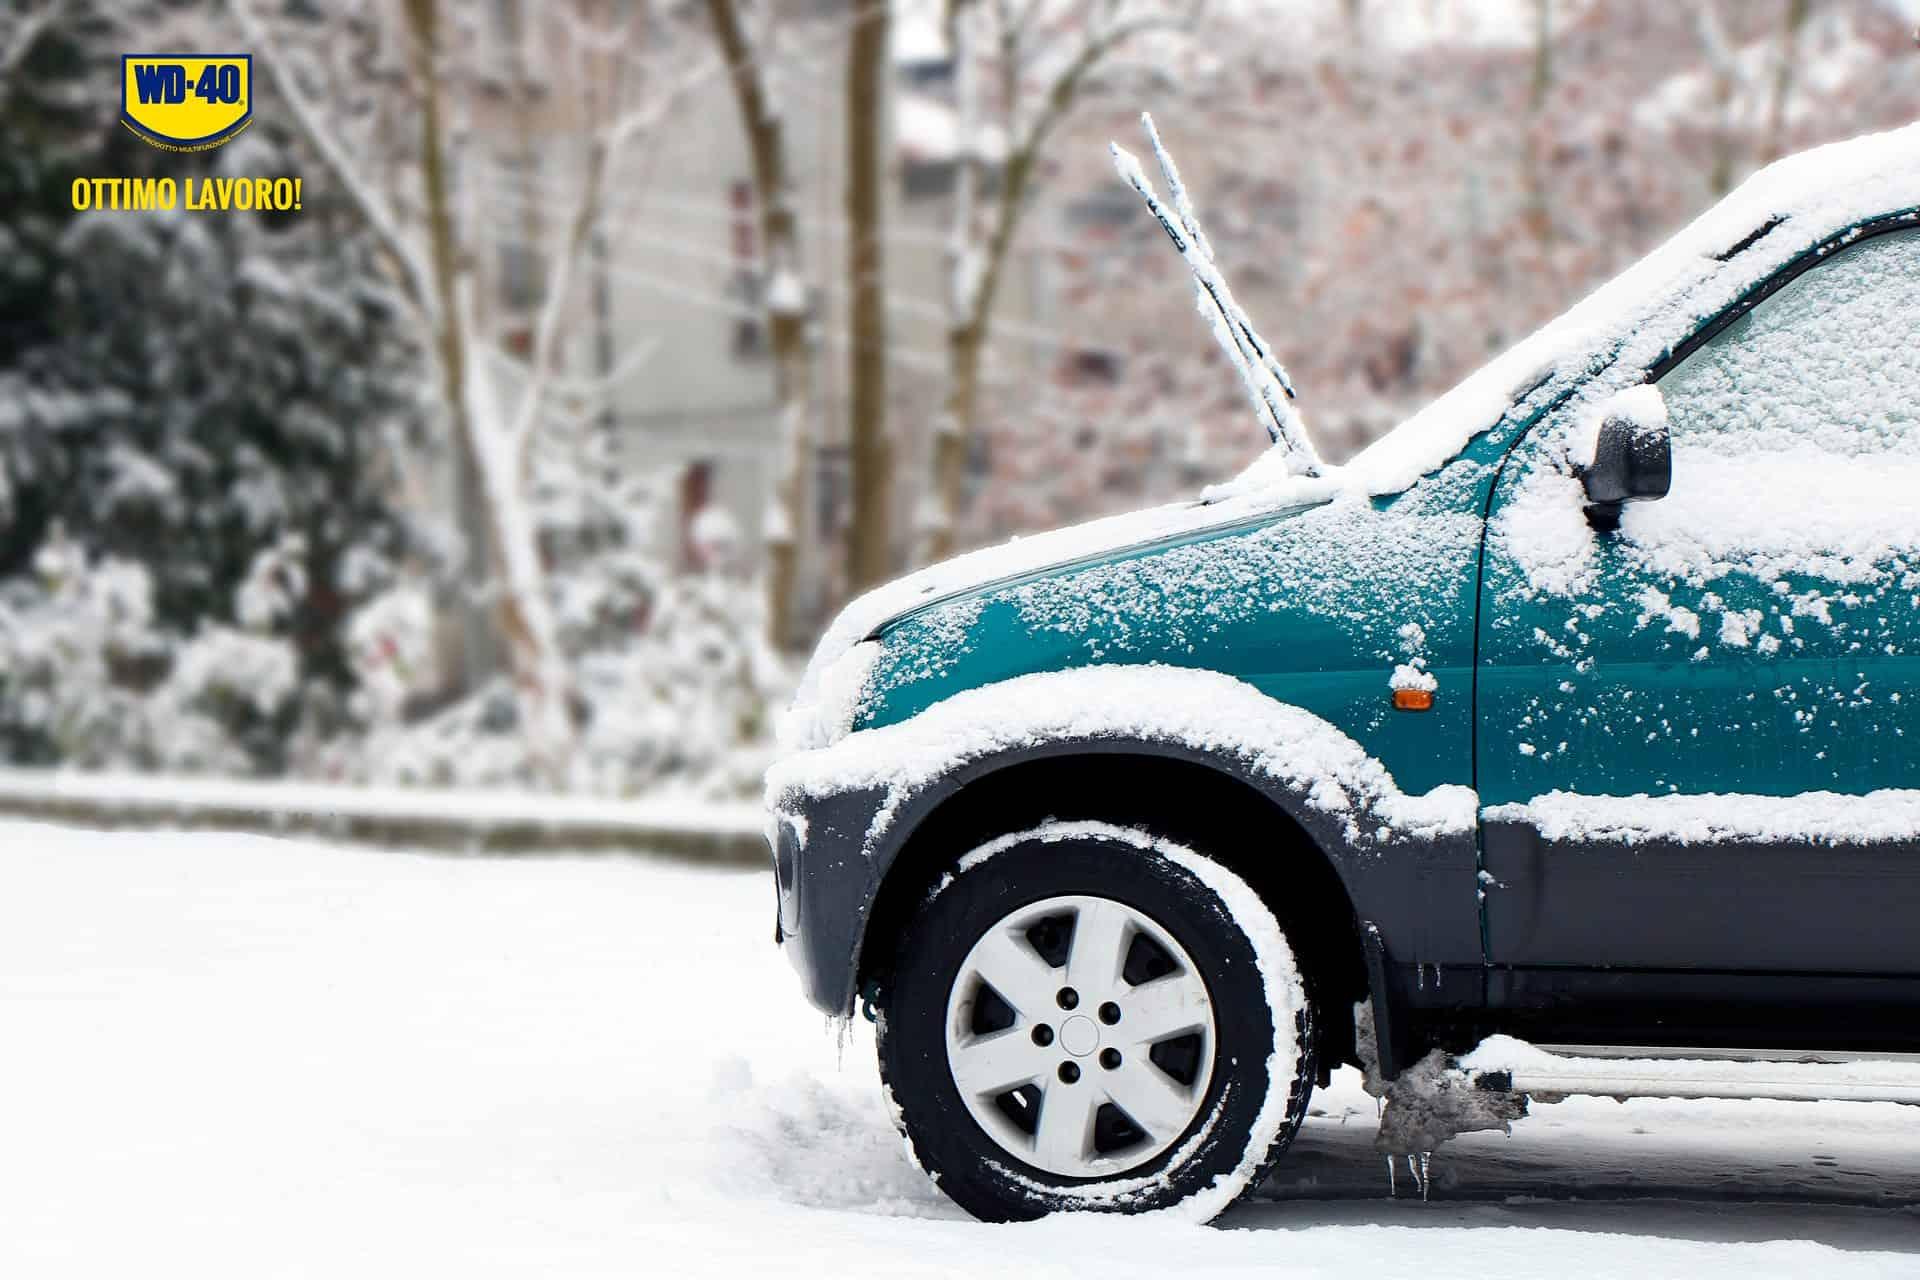 manutenzione auto in caso di ghiaccio e neve